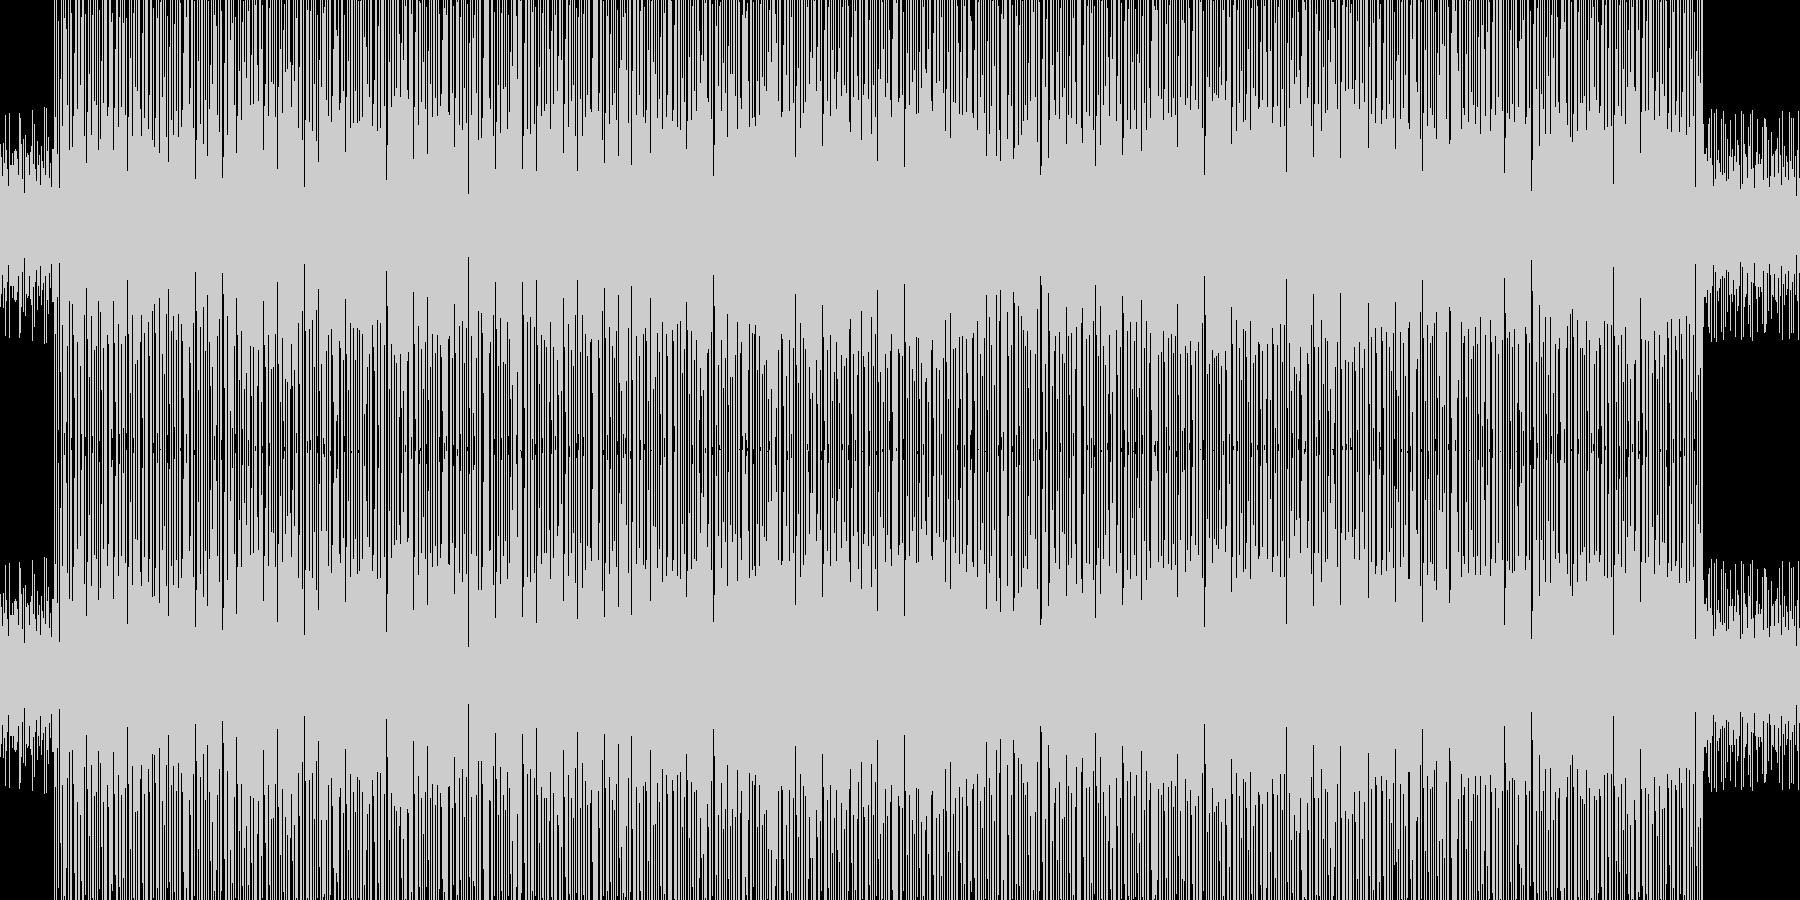 ドラム アコースティックベース、ローズ…の未再生の波形